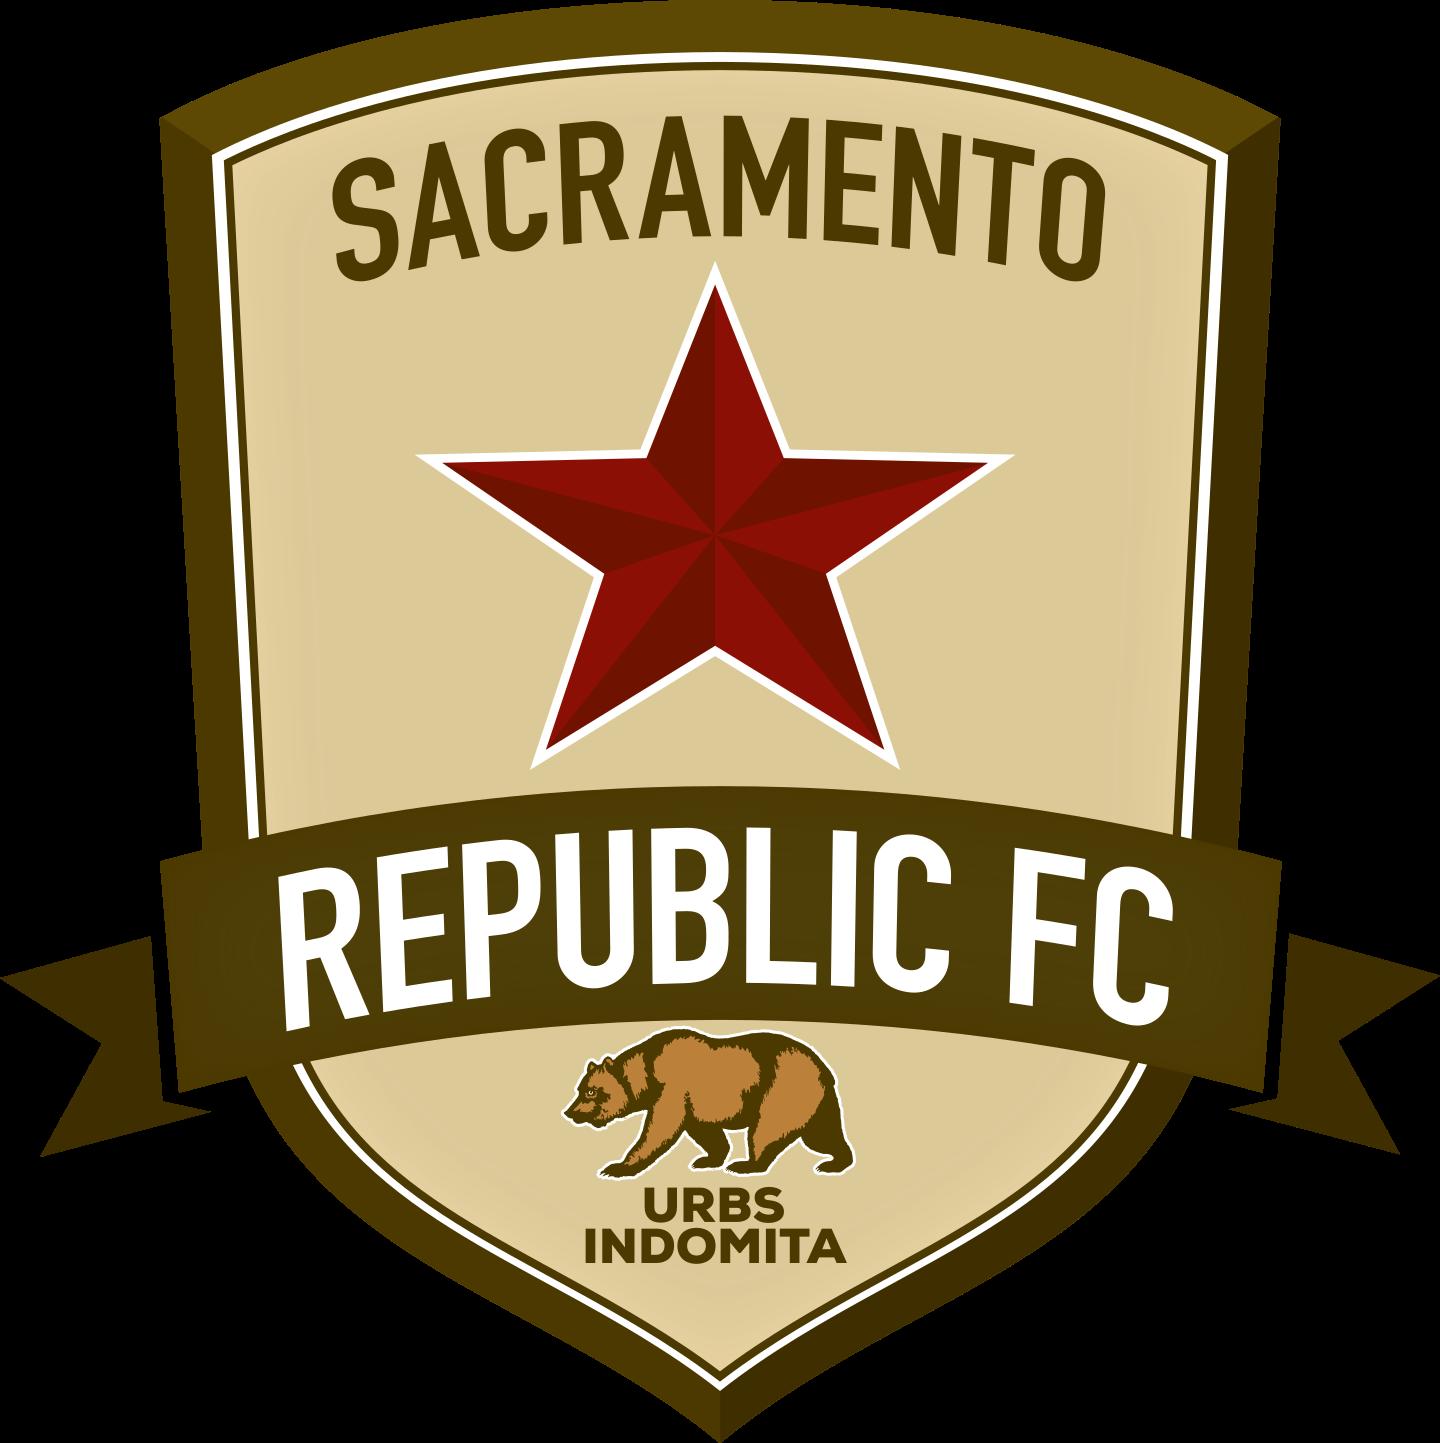 sacramento republic fc logo 2 - Sacramento Republic FC Logo